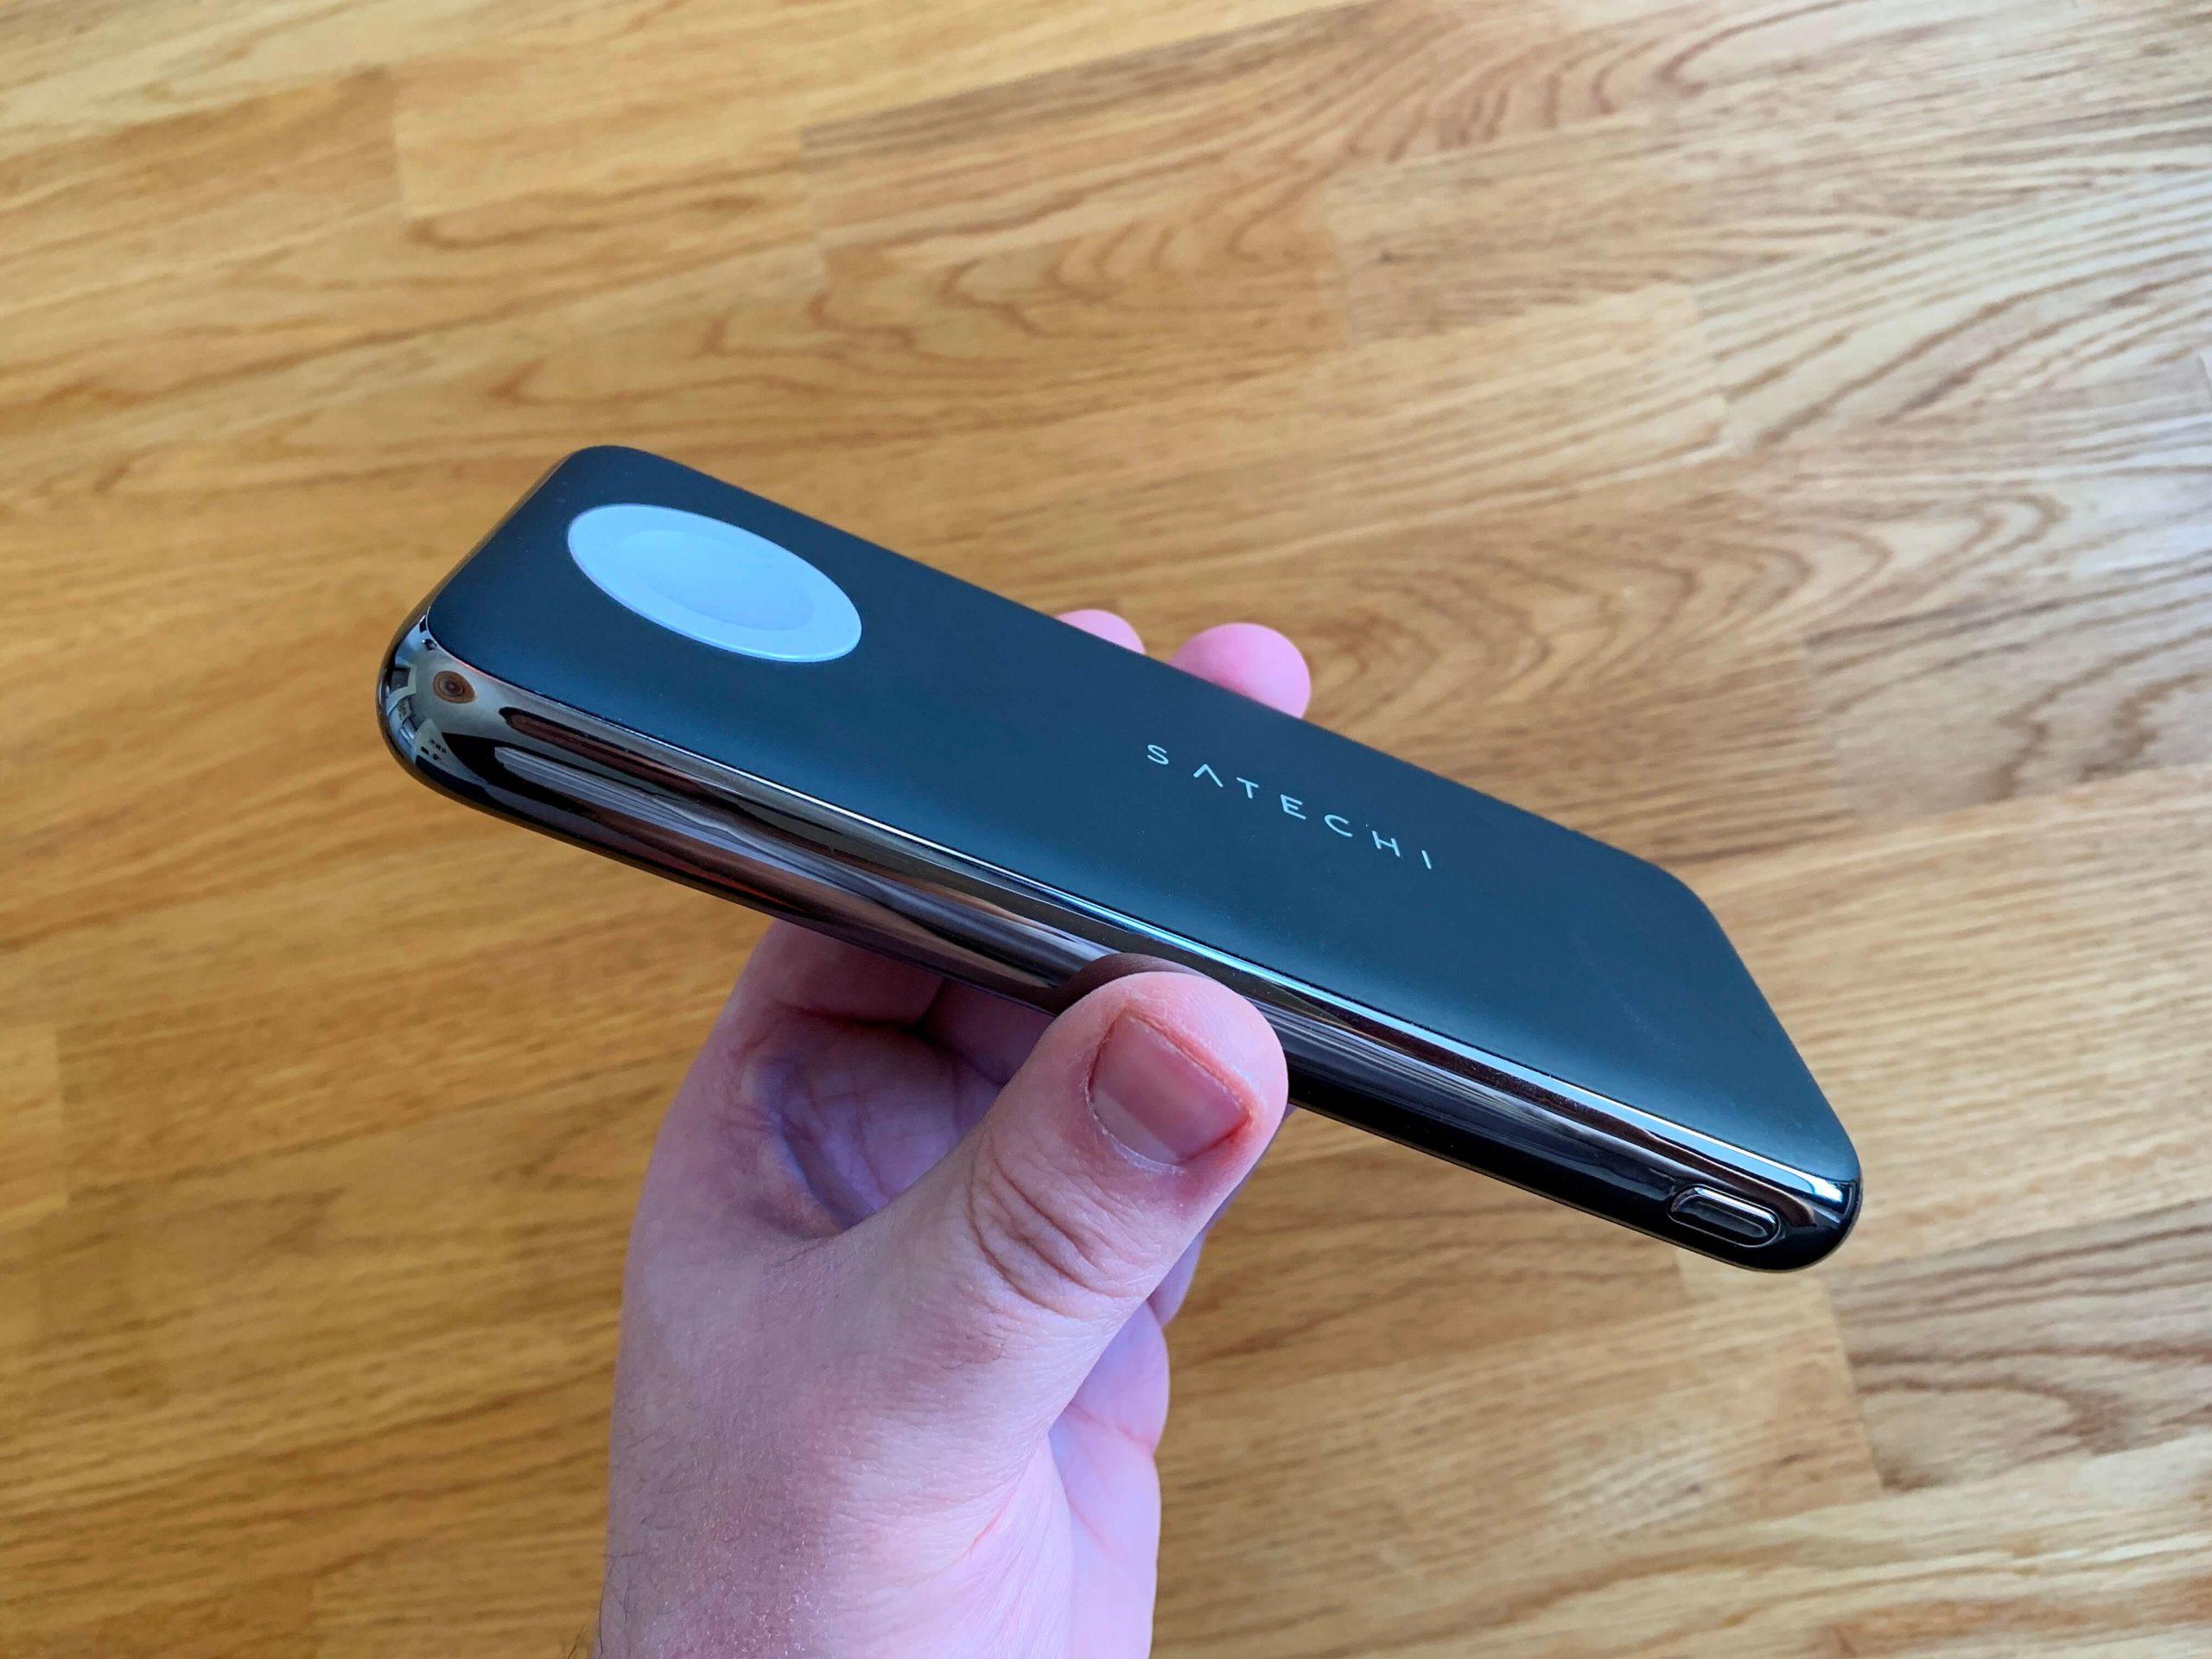 Quatro-Wireless-Power-Bank-von-Satechi-iPhone-und-Apple-Watch-kabellos-laden2-scaled Quatro Wireless Power Bank von Satechi - iPhone und Apple Watch kabellos laden